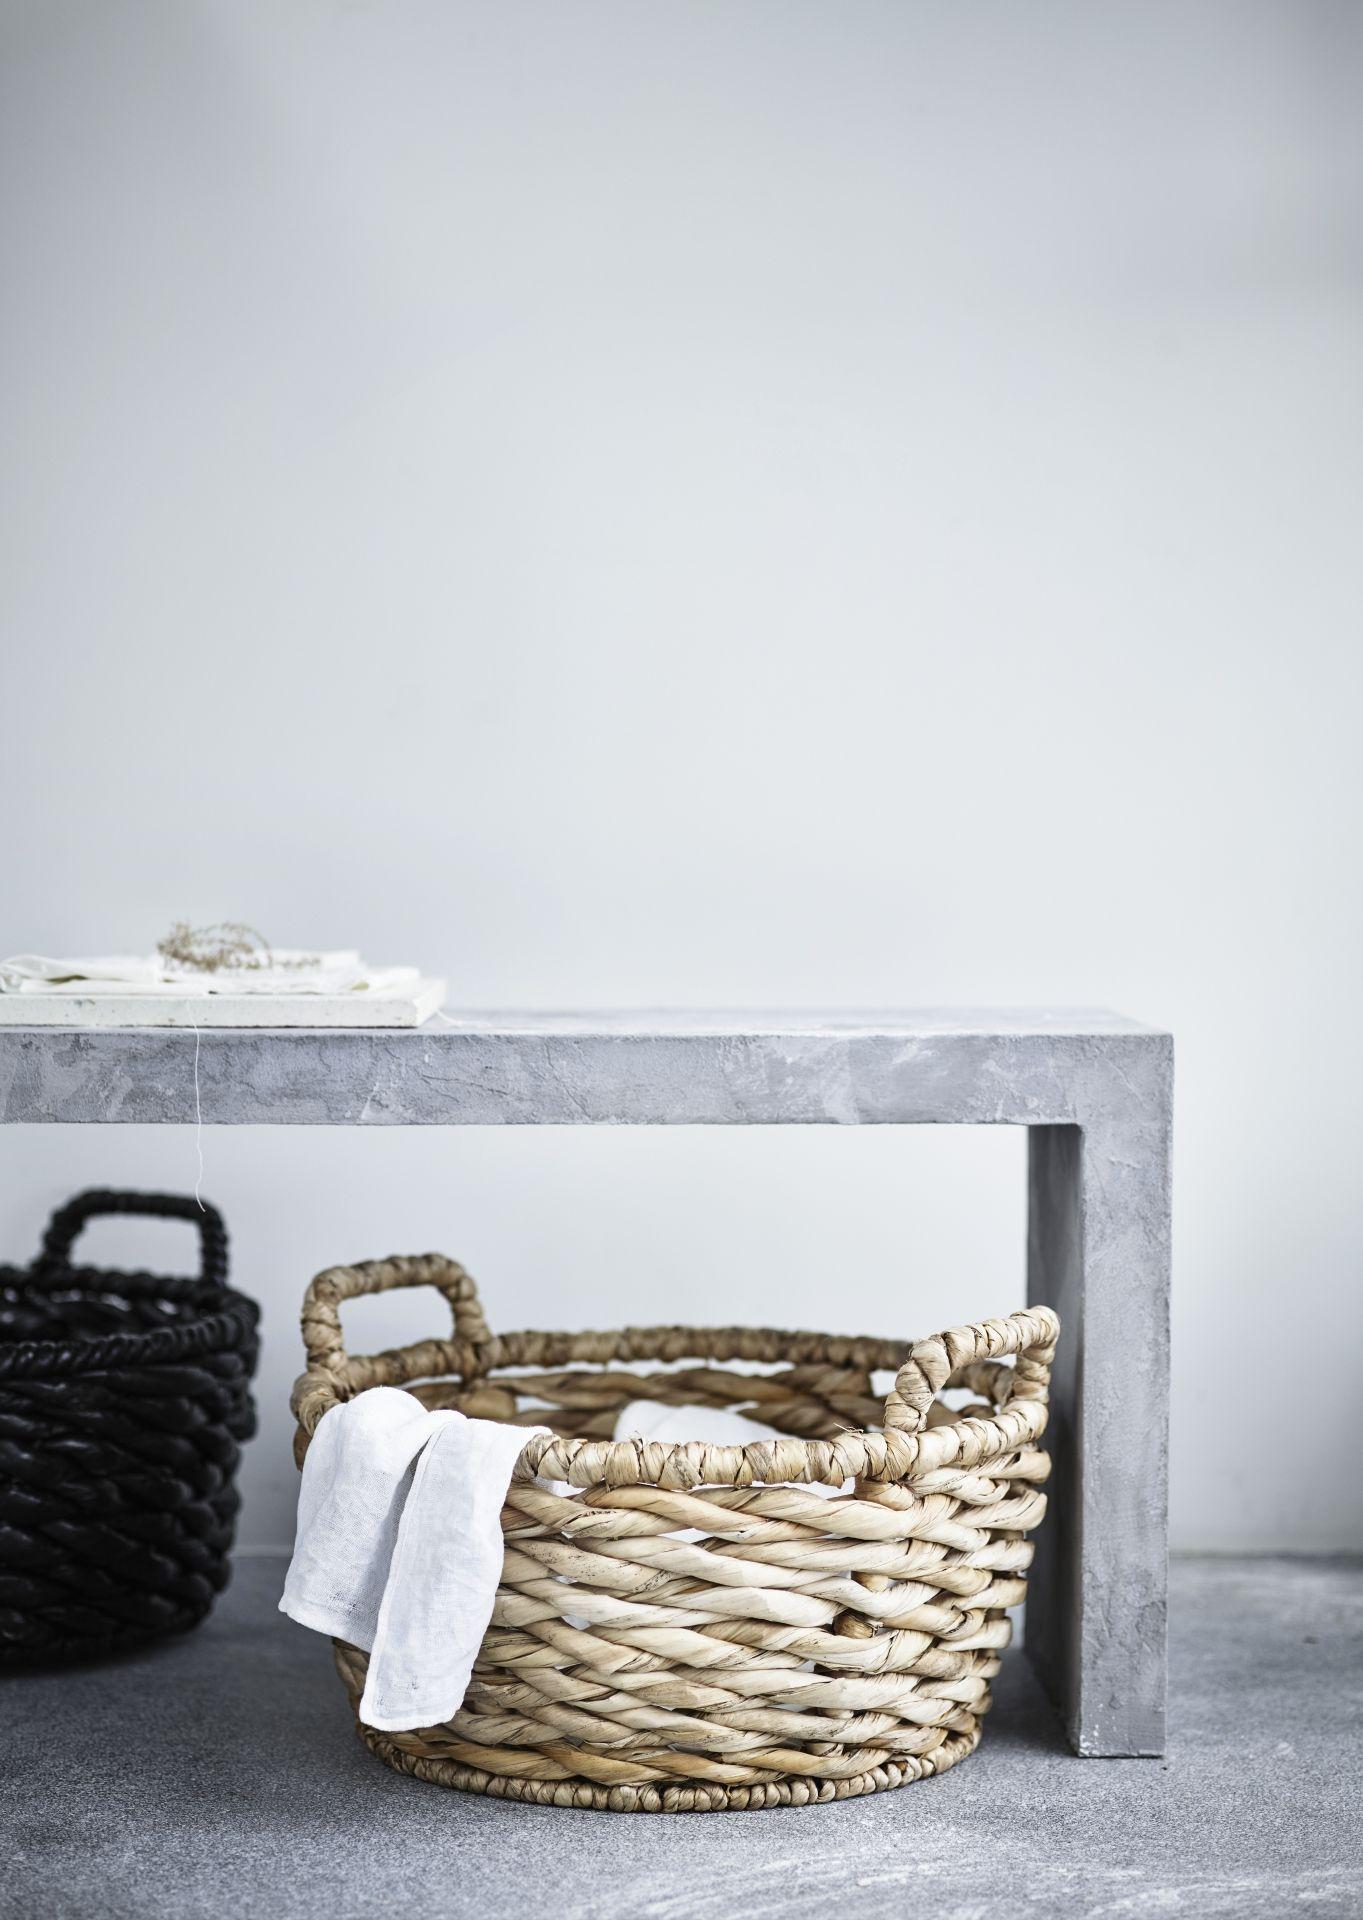 Mobili e accessori per l 39 arredamento della casa sweet for Idee per l arredamento della casa